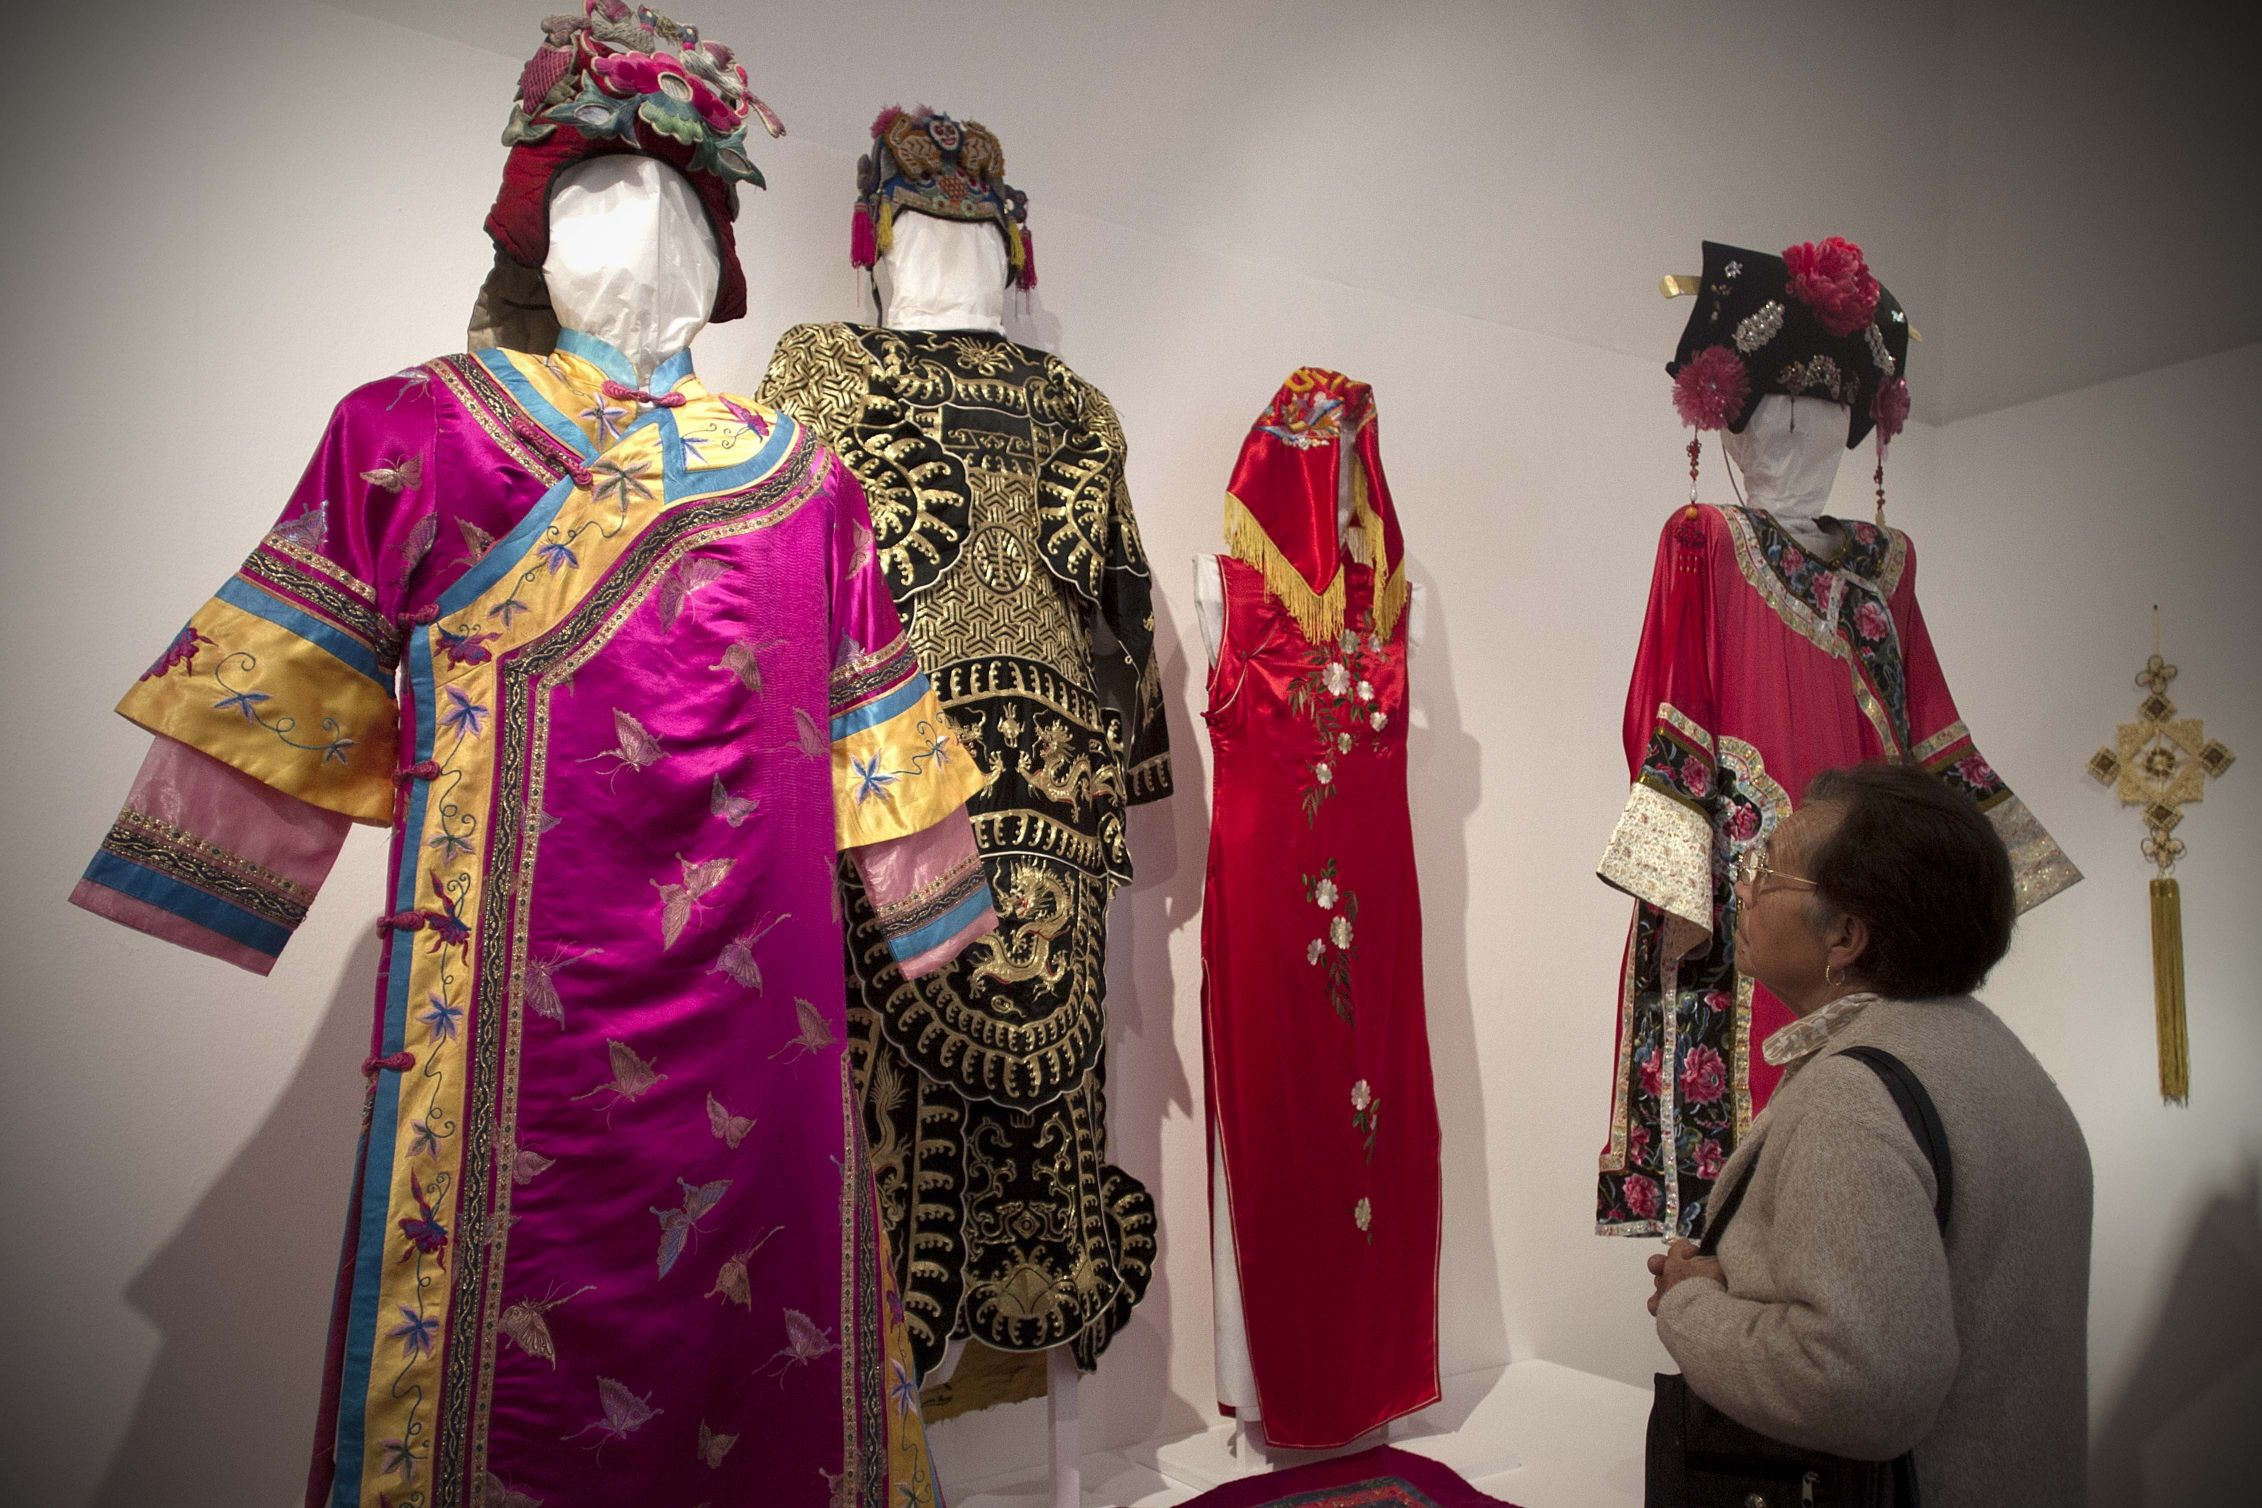 El Patrimonio Cultural Inmaterial de Liaoning está presente en el Museo Nacional de Culturas Populares de Coyoacán